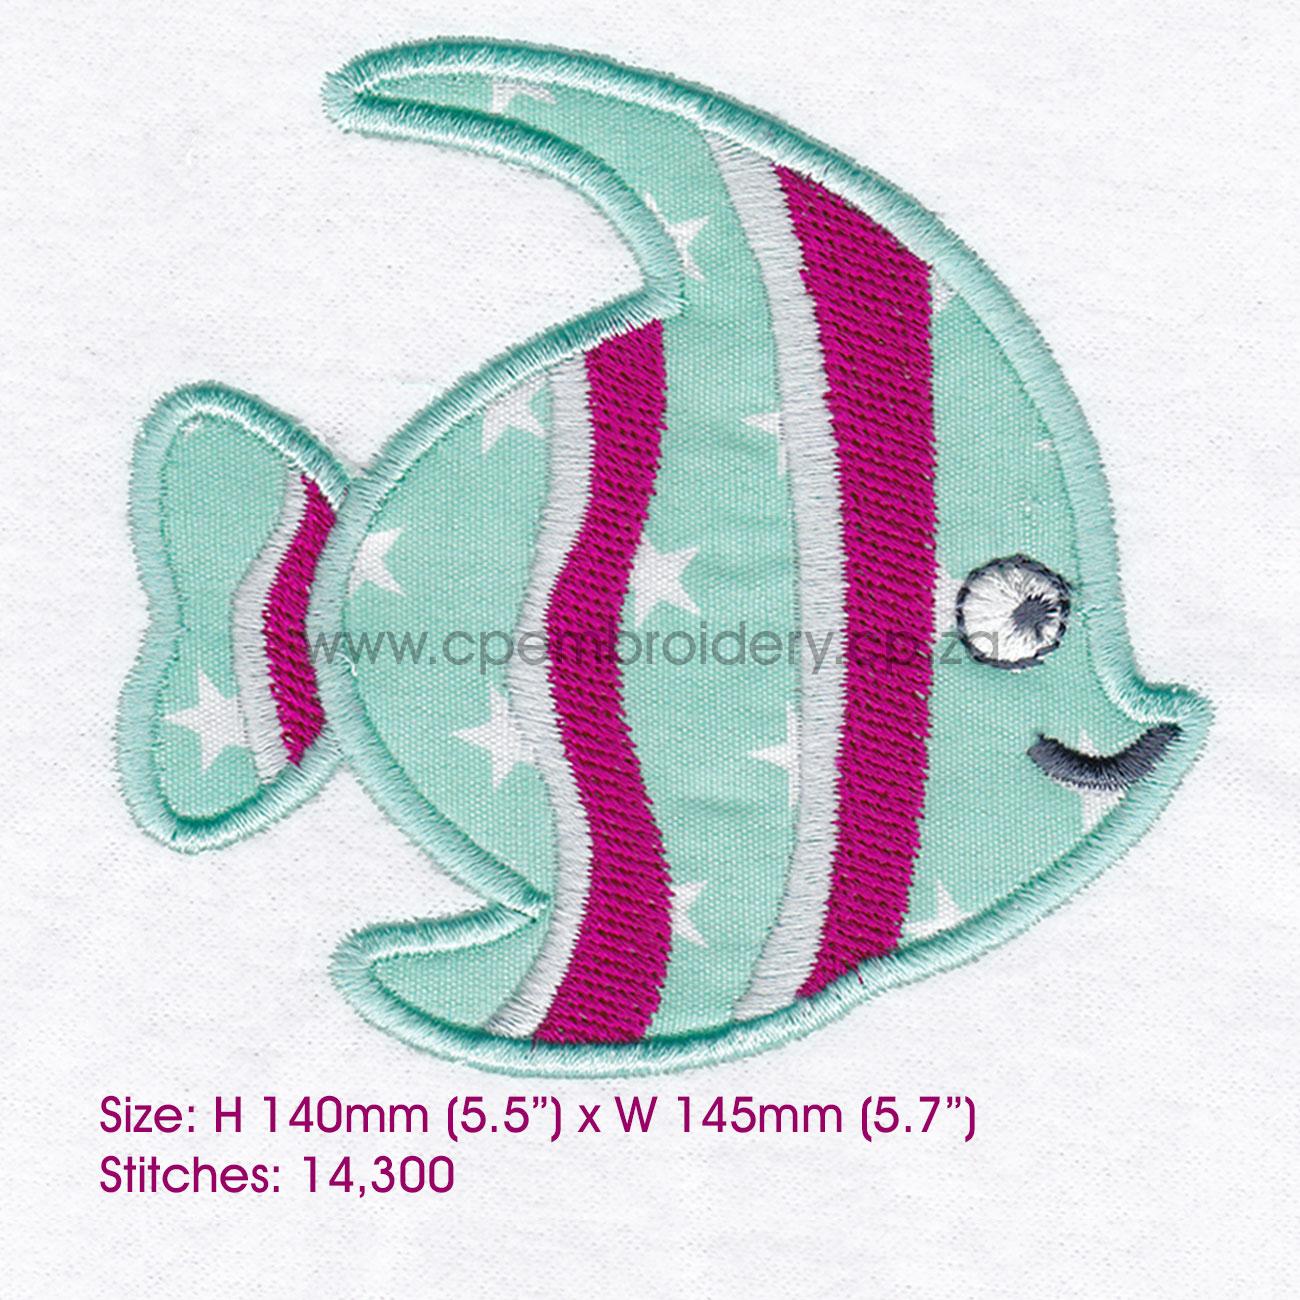 Striped Moorish Idol Pet Fish Applique Design example image 8